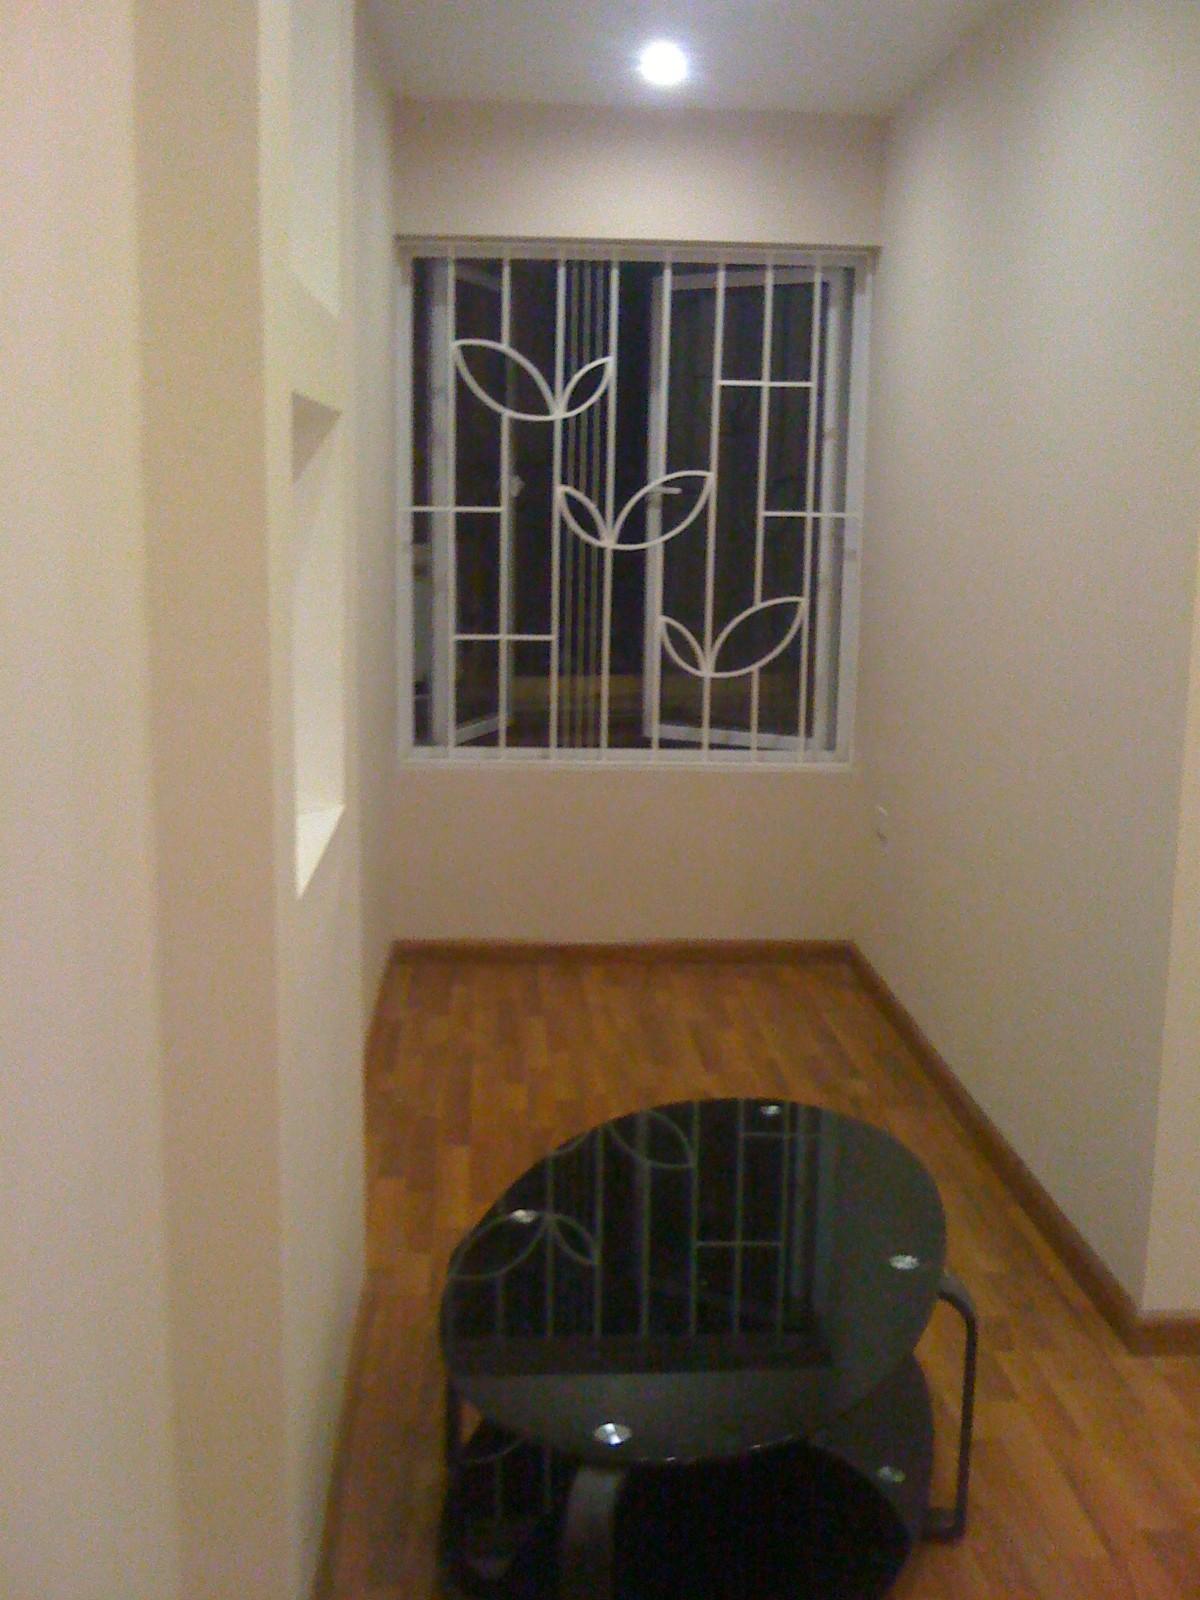 Công trình cầu thang, cửa sổ ngõ 72 nguyễn trãi